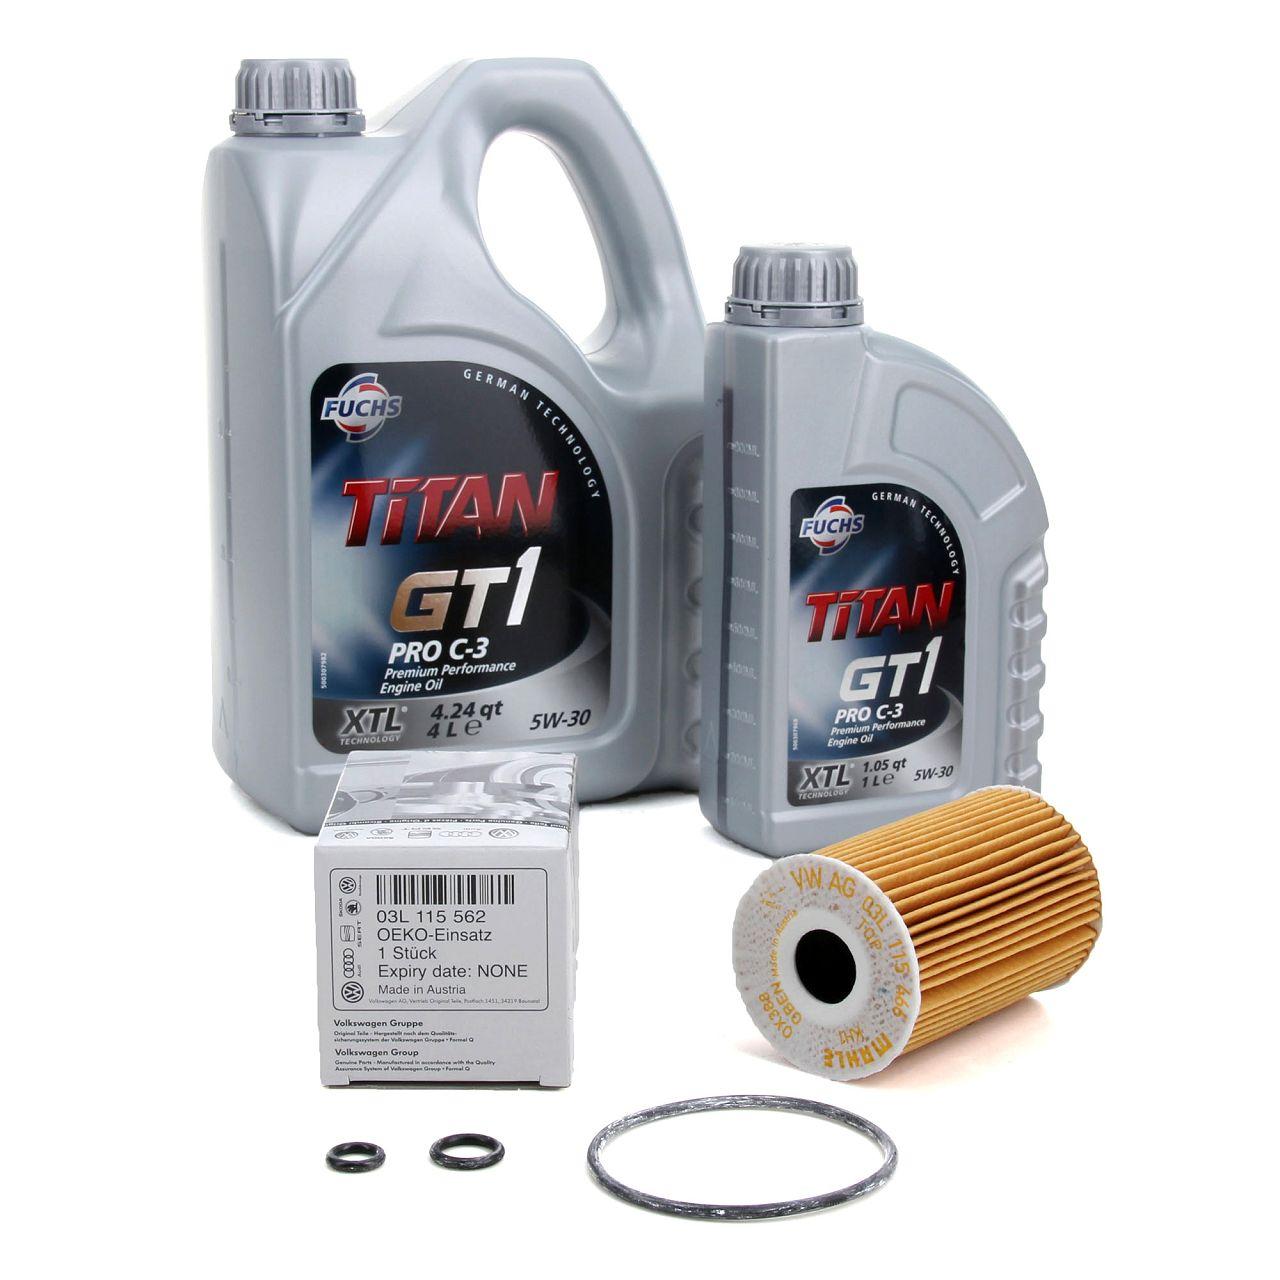 FUCHS Motoröl TITAN GT1 Pro C-3 5W-30 5 Liter 5L+ ORIGINAL VW Ölfilter 03L115562